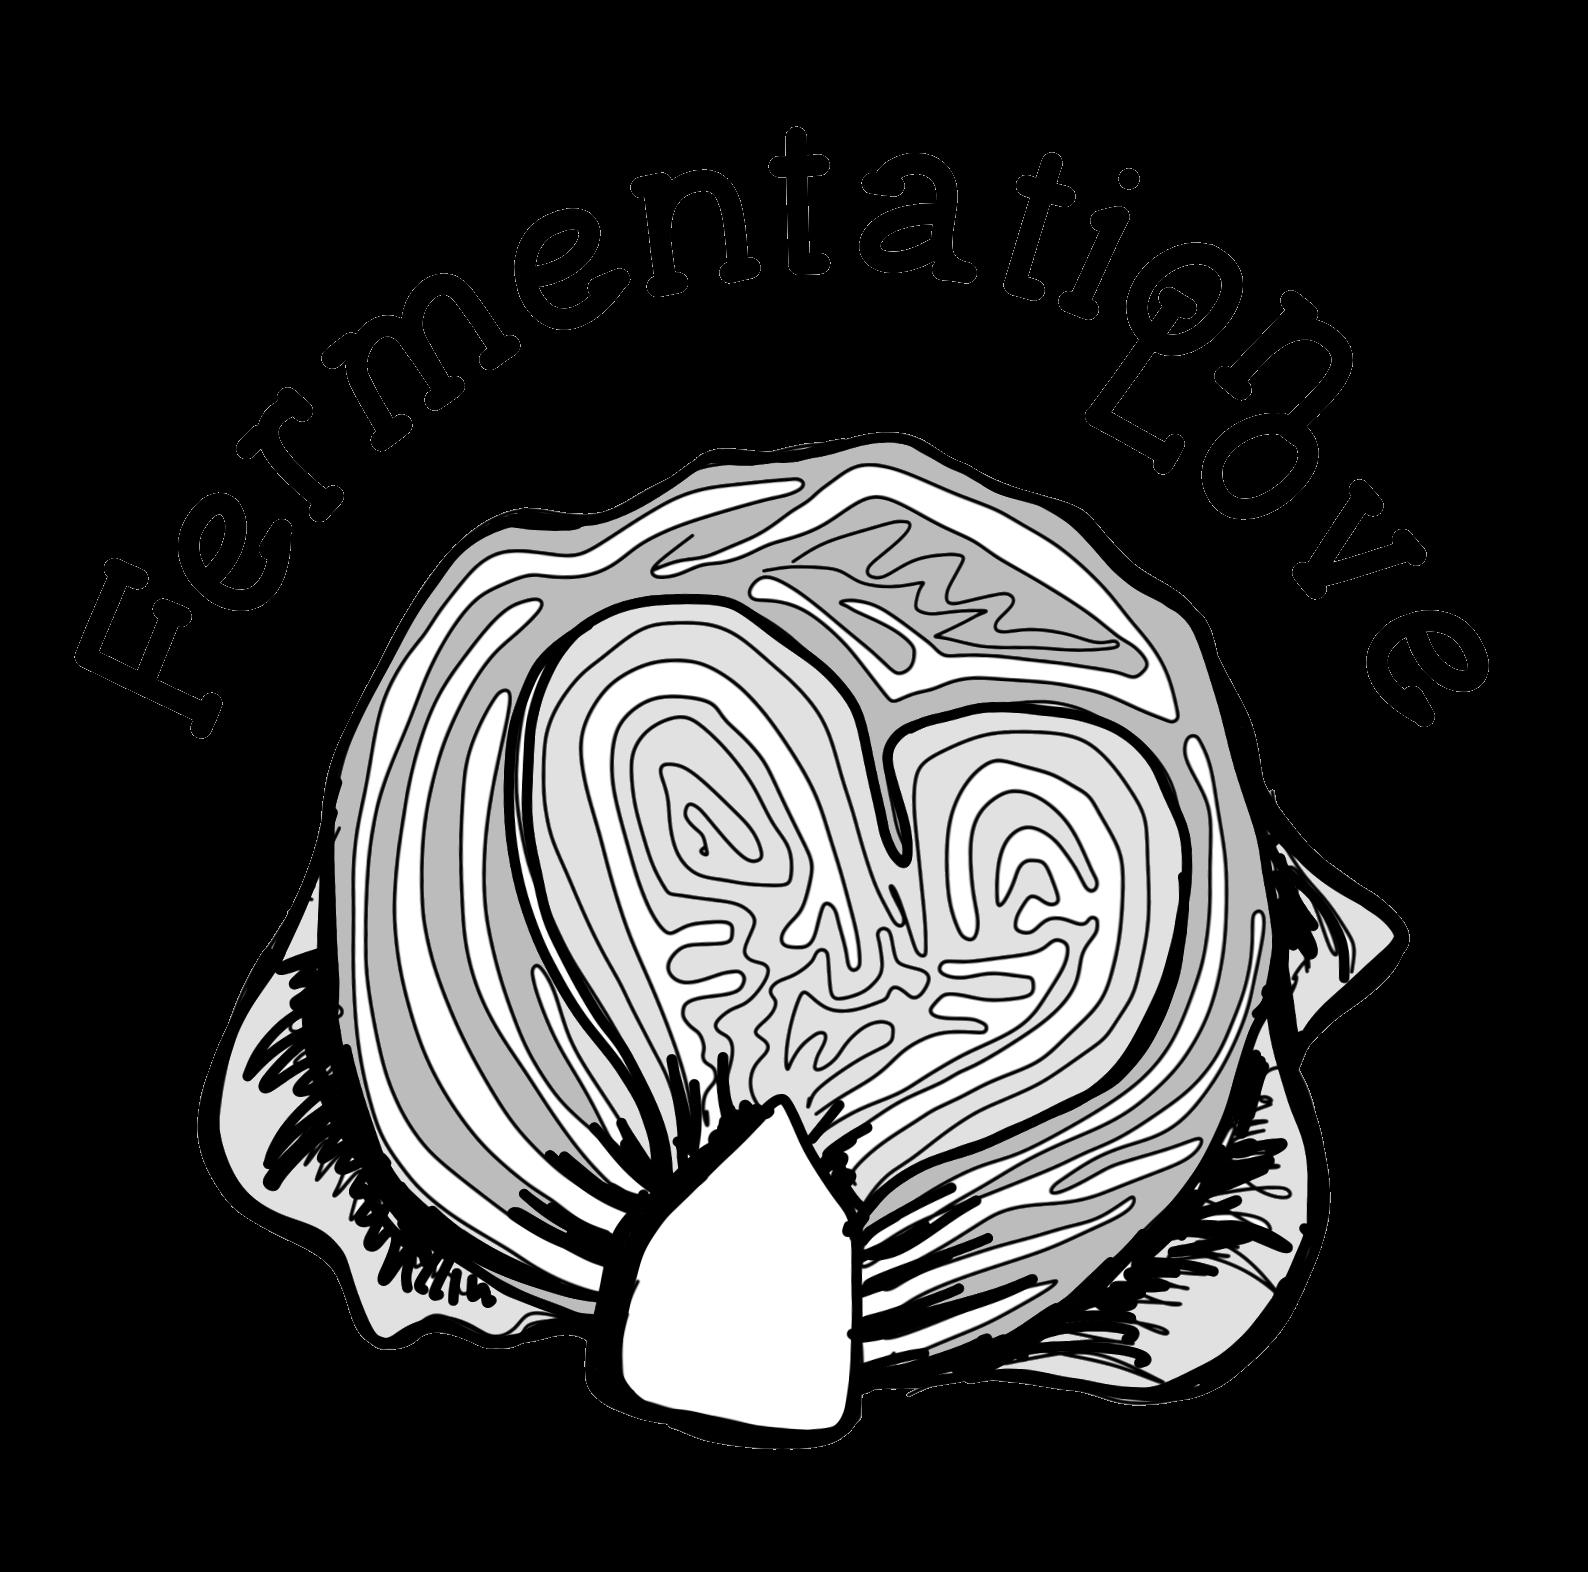 Logo fermentation love